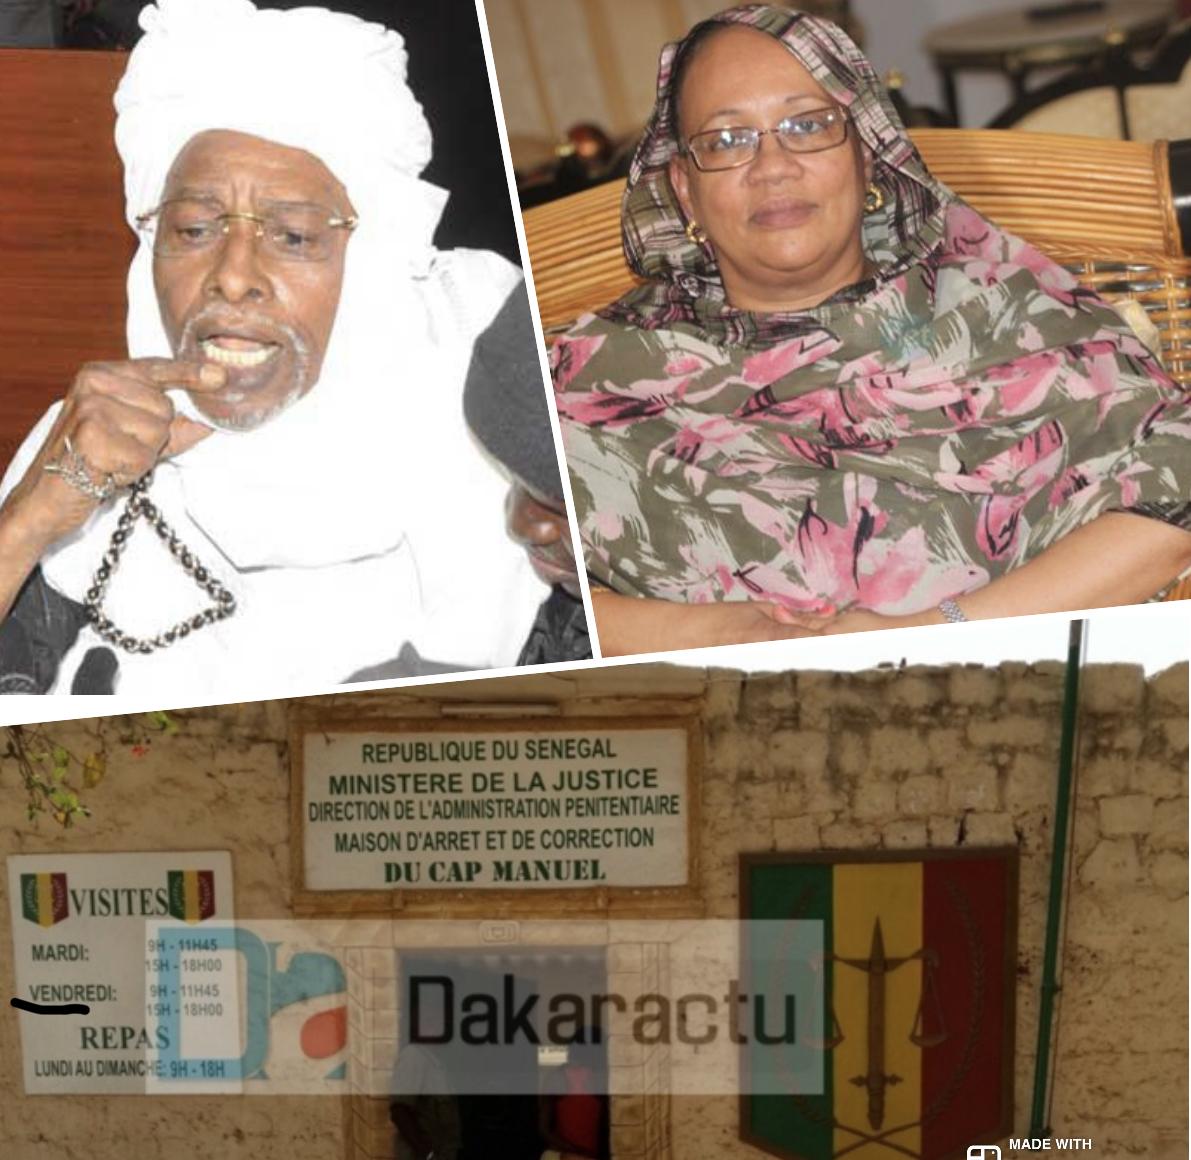 Cap Manuel : Hissein Habré victime d'un accident dans sa cellule. Son épouse relate le film des événements